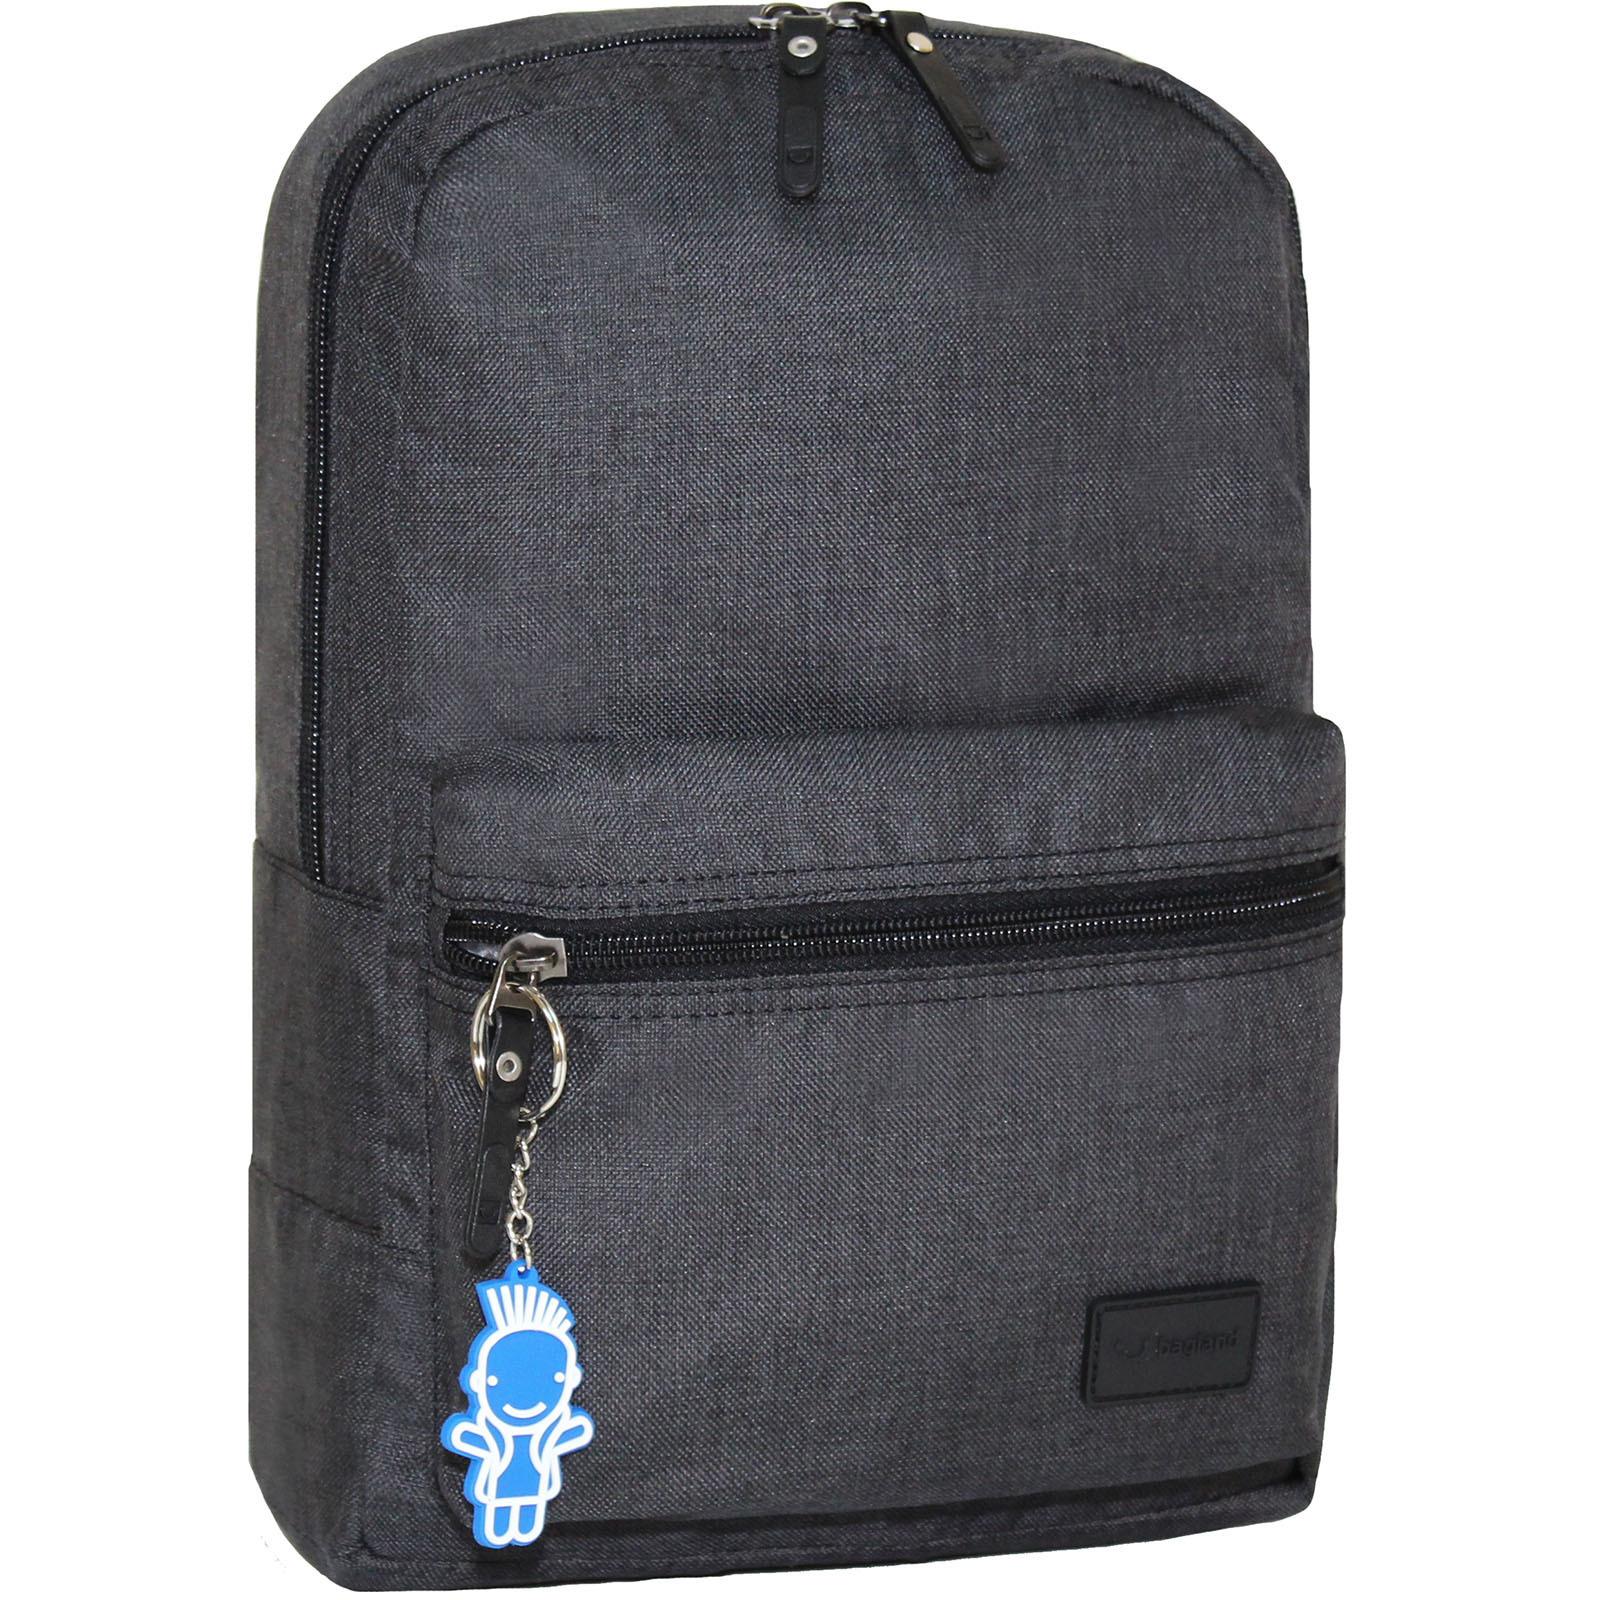 Детские рюкзаки Рюкзак Bagland Молодежный mini 8 л. Черный (0050869) IMG_8775.JPG